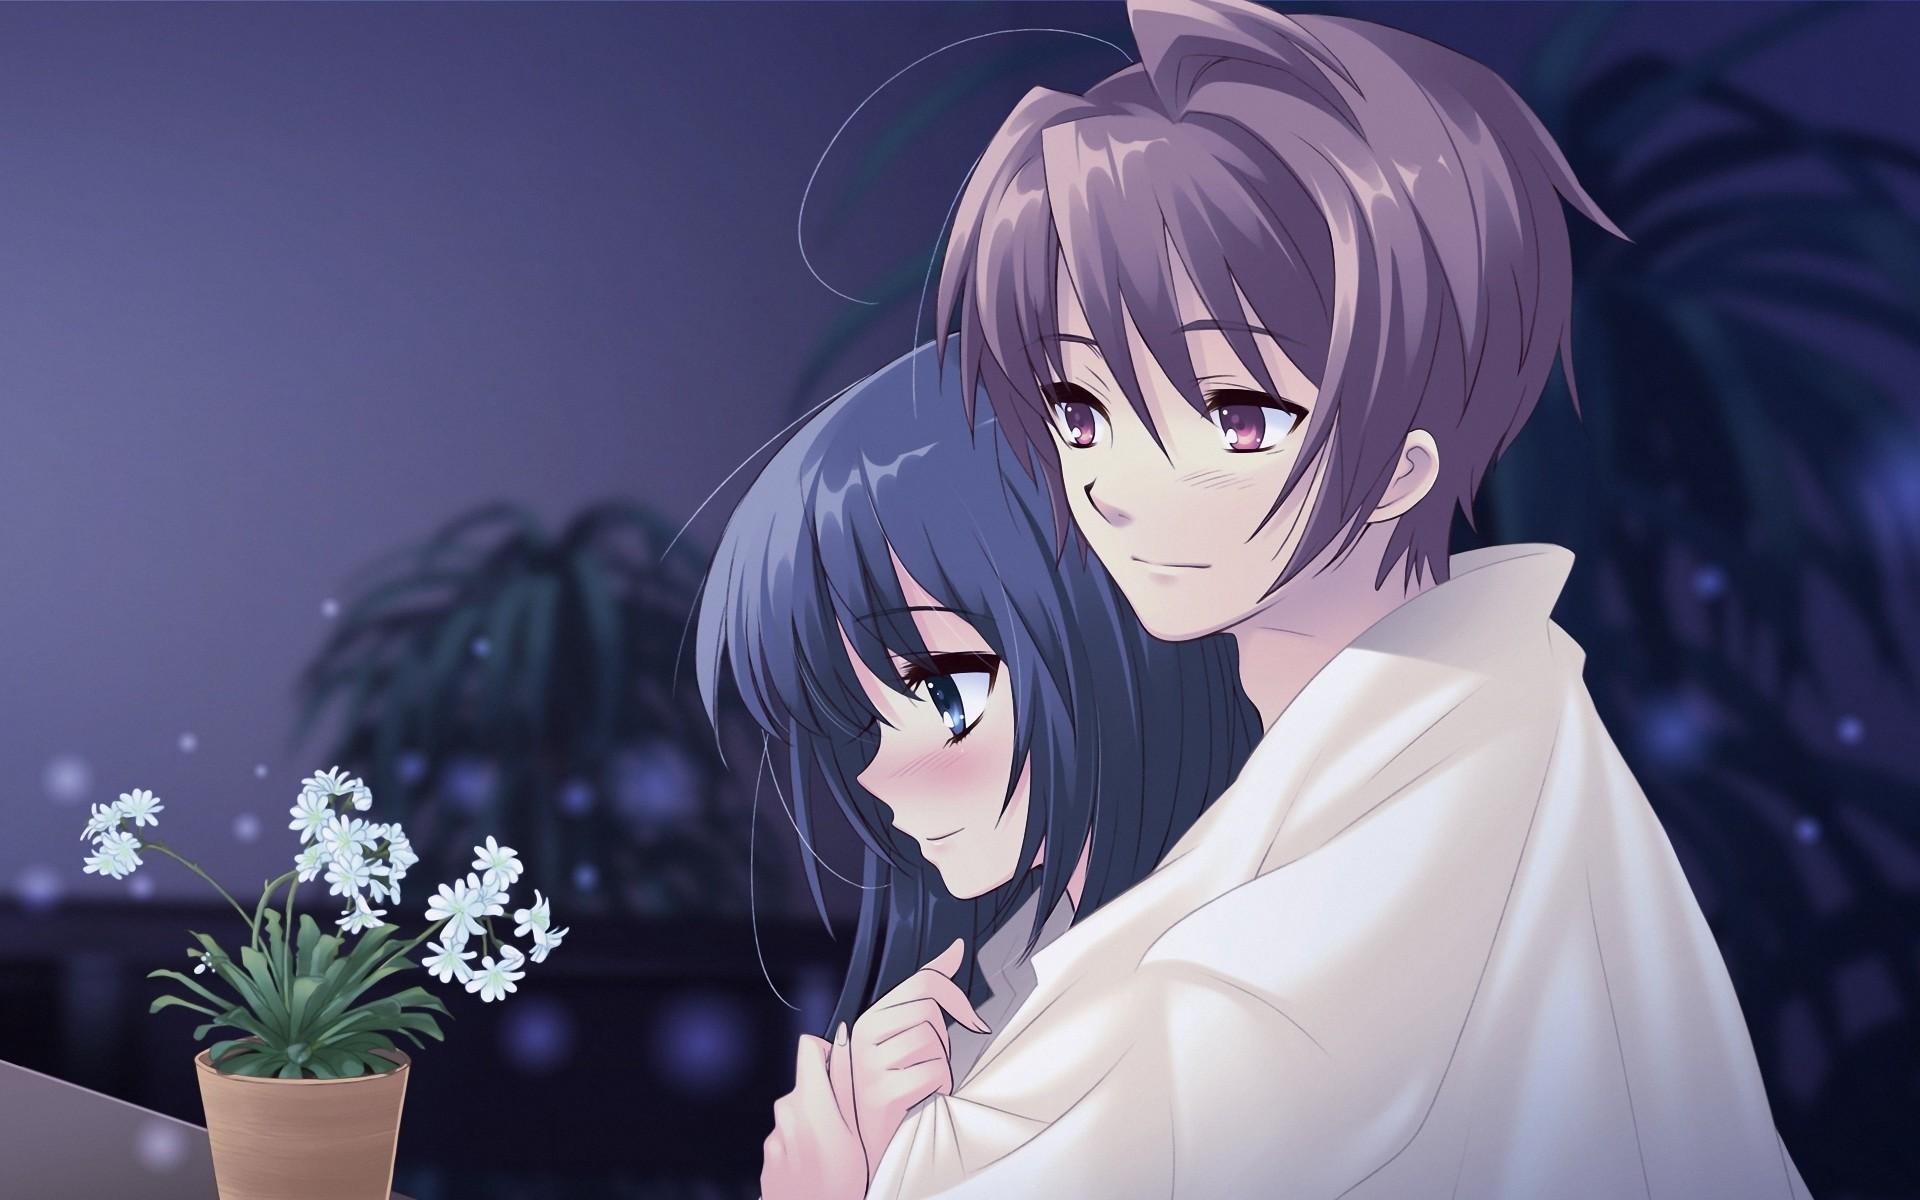 anime hug wallpaper 57 images